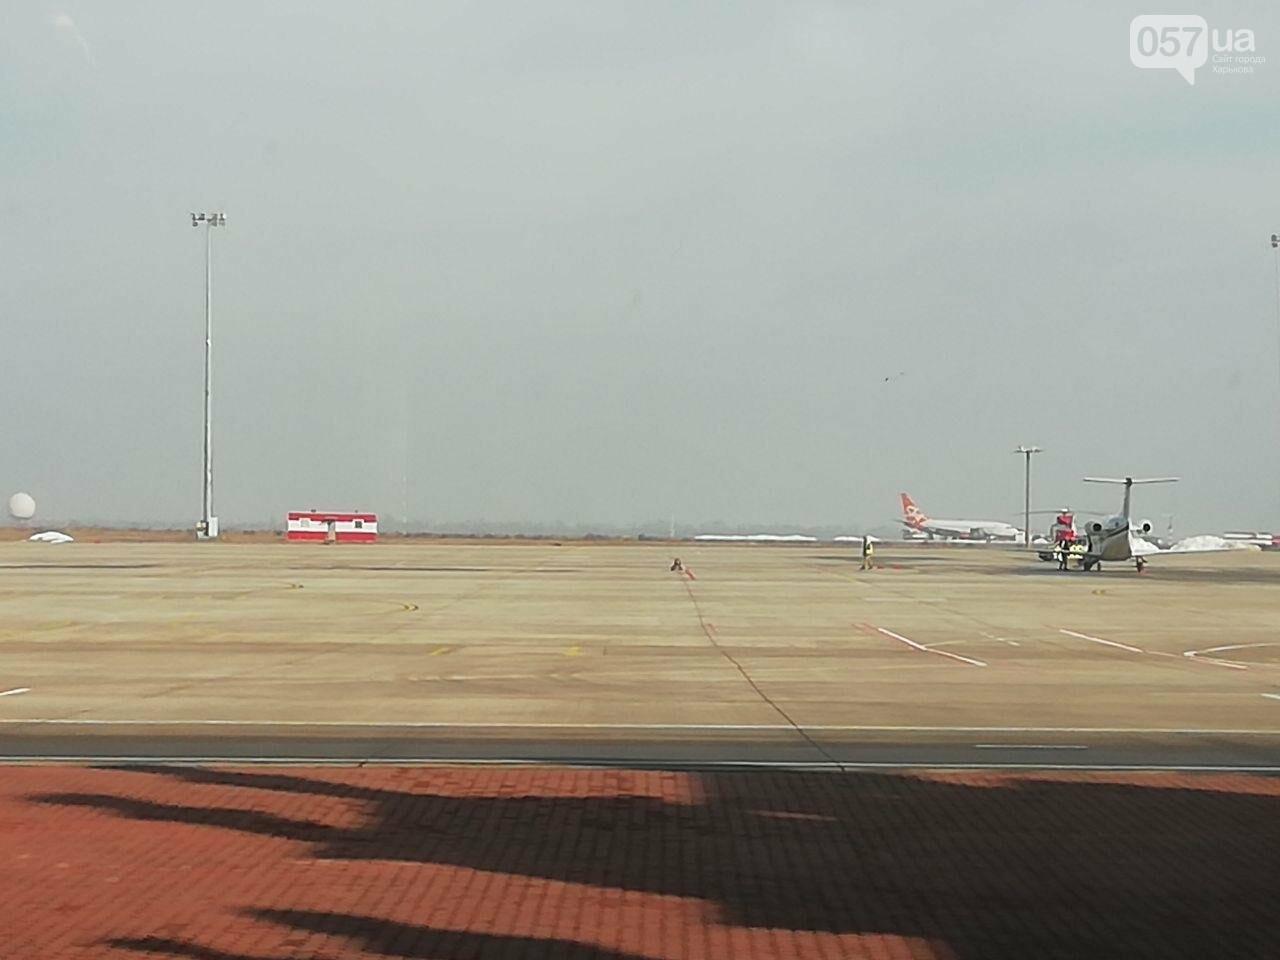 В харьковском аэропорту приземлился самолет с эвакуированными пассажирами из Китая, - ОНЛАЙН-ТРАНСЛЯЦИЯ, фото-10